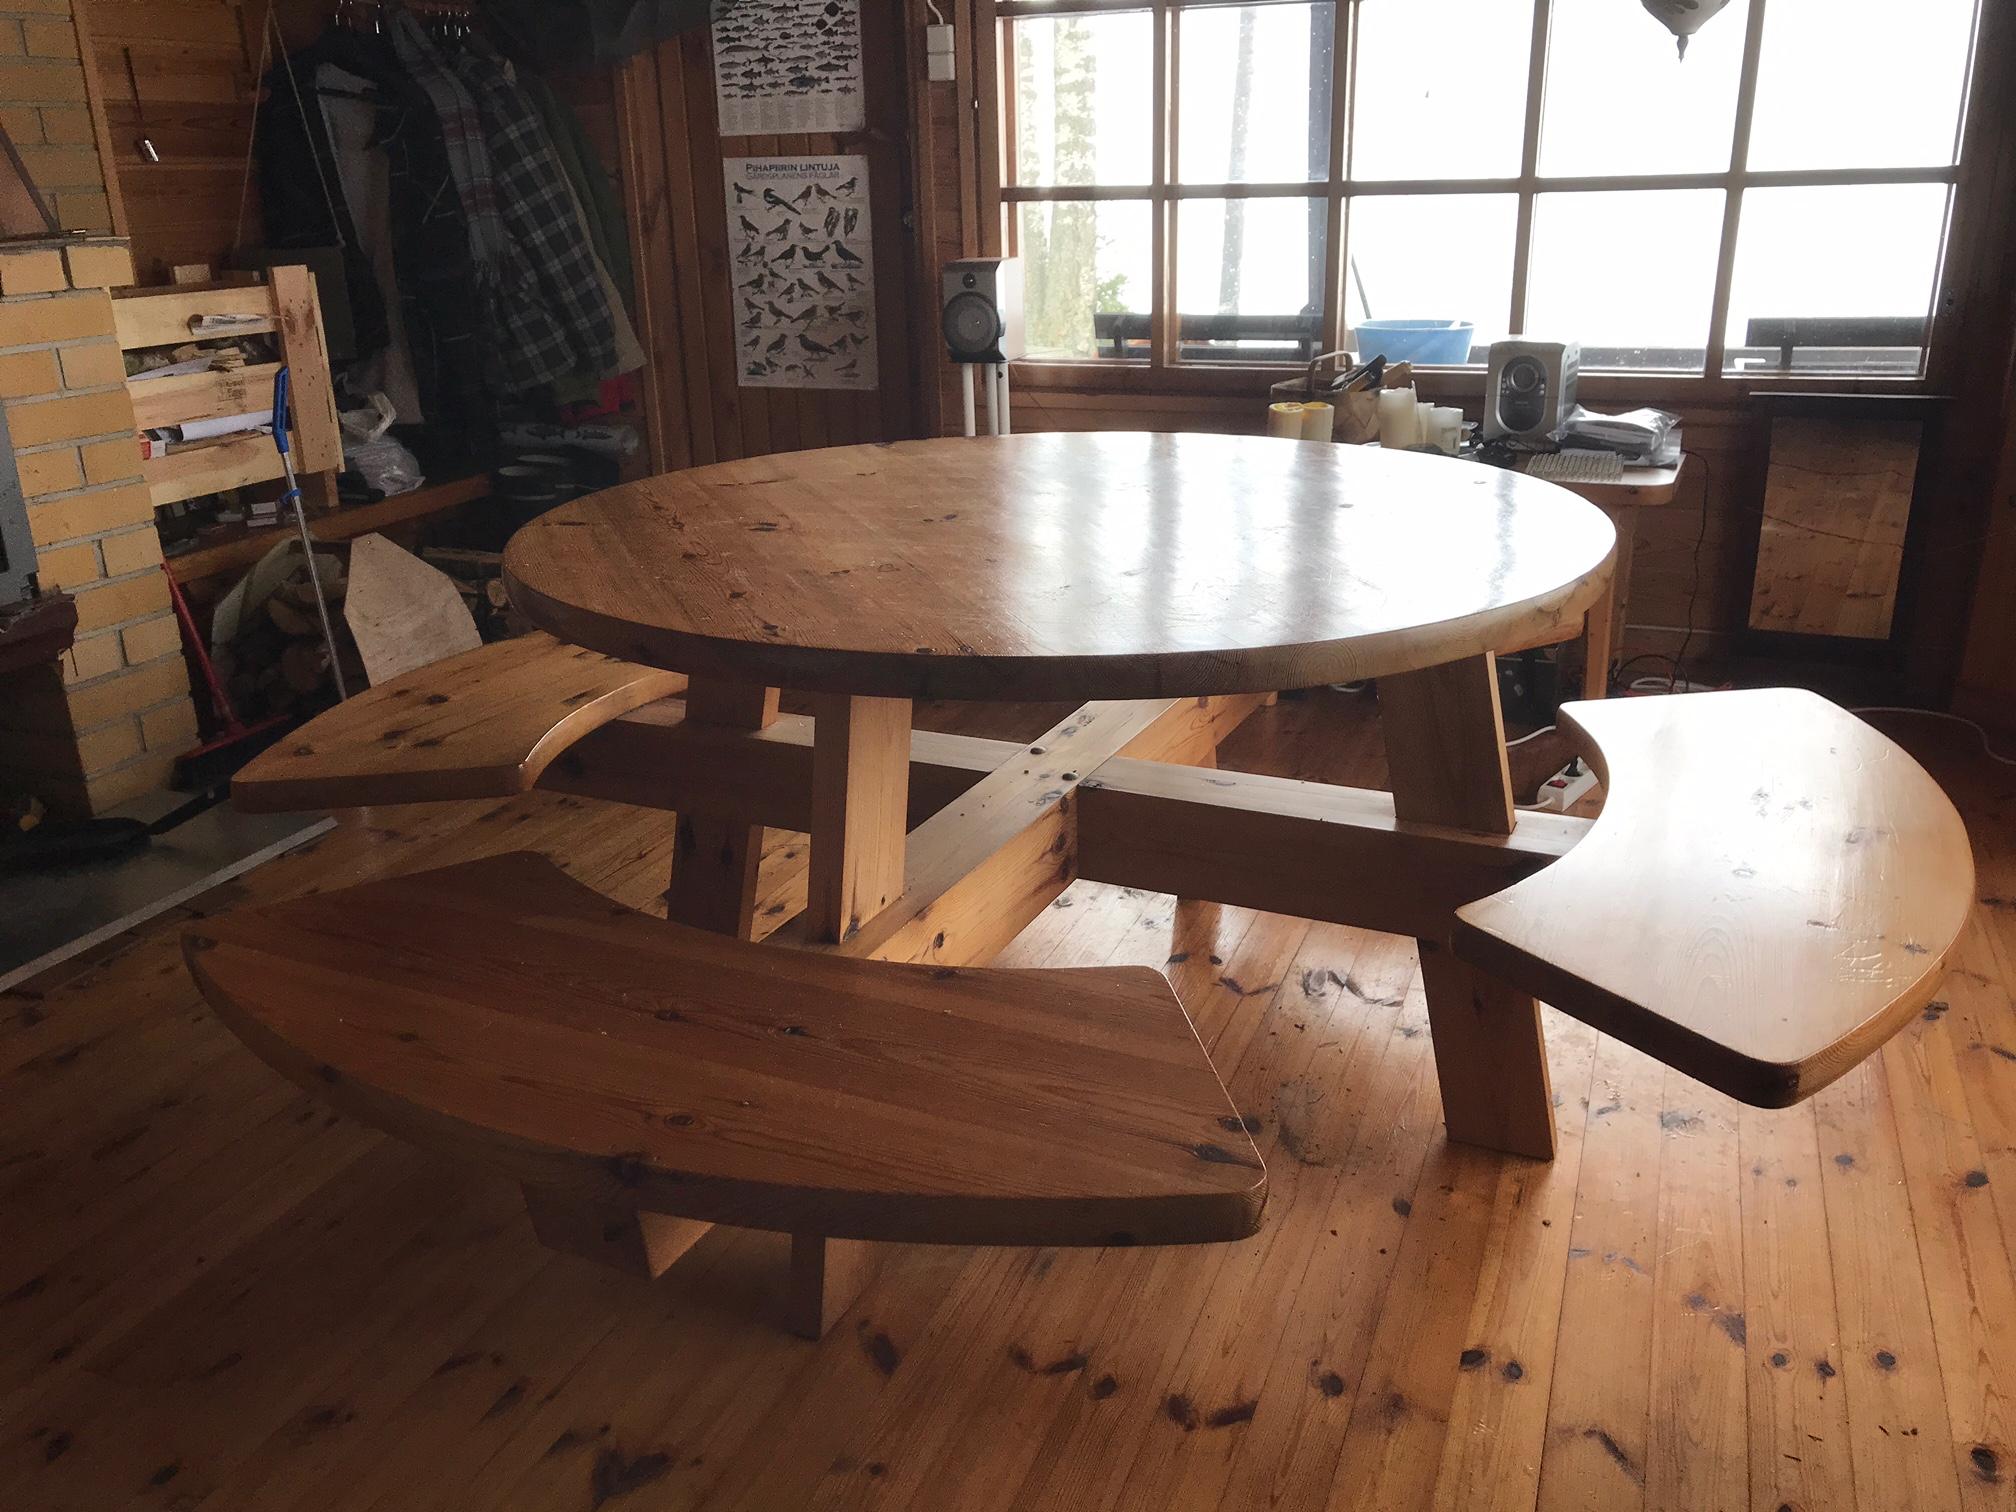 Tosi massiivinen pöytä, ollut kesämökkikäytössä 450 €